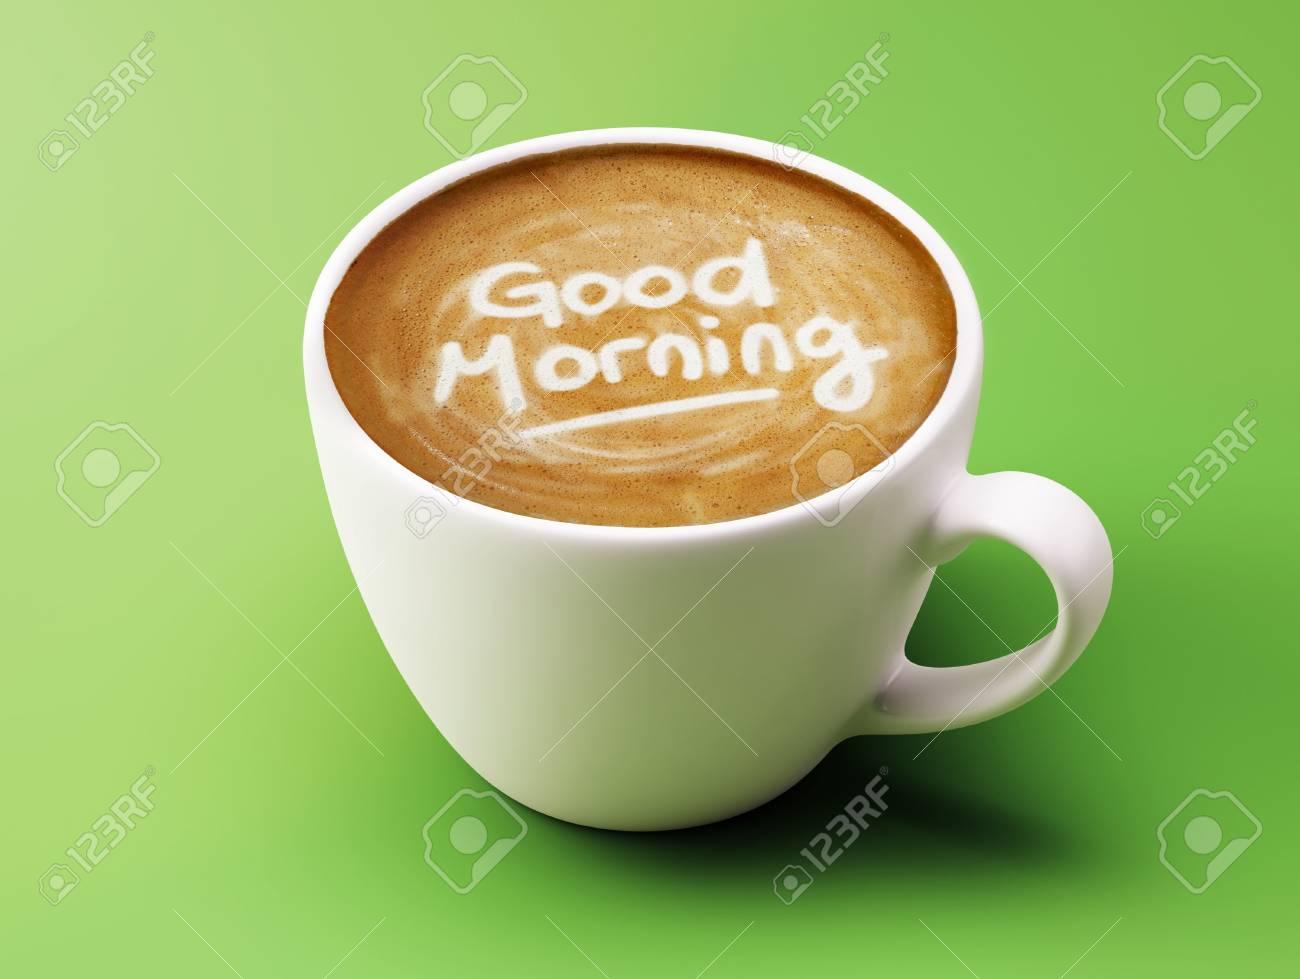 guten morgen kaffe bilder